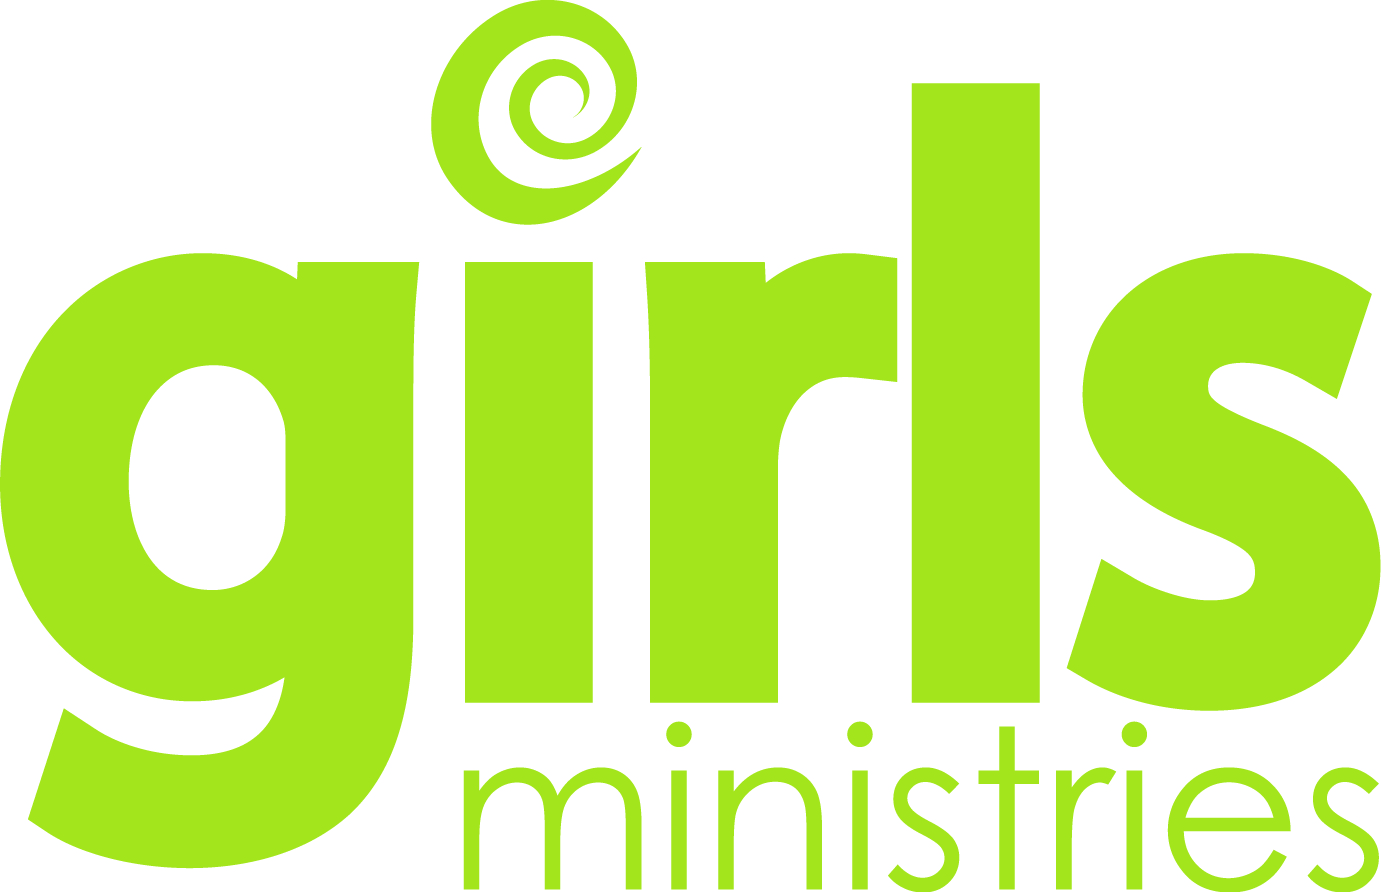 Girl's Ministry